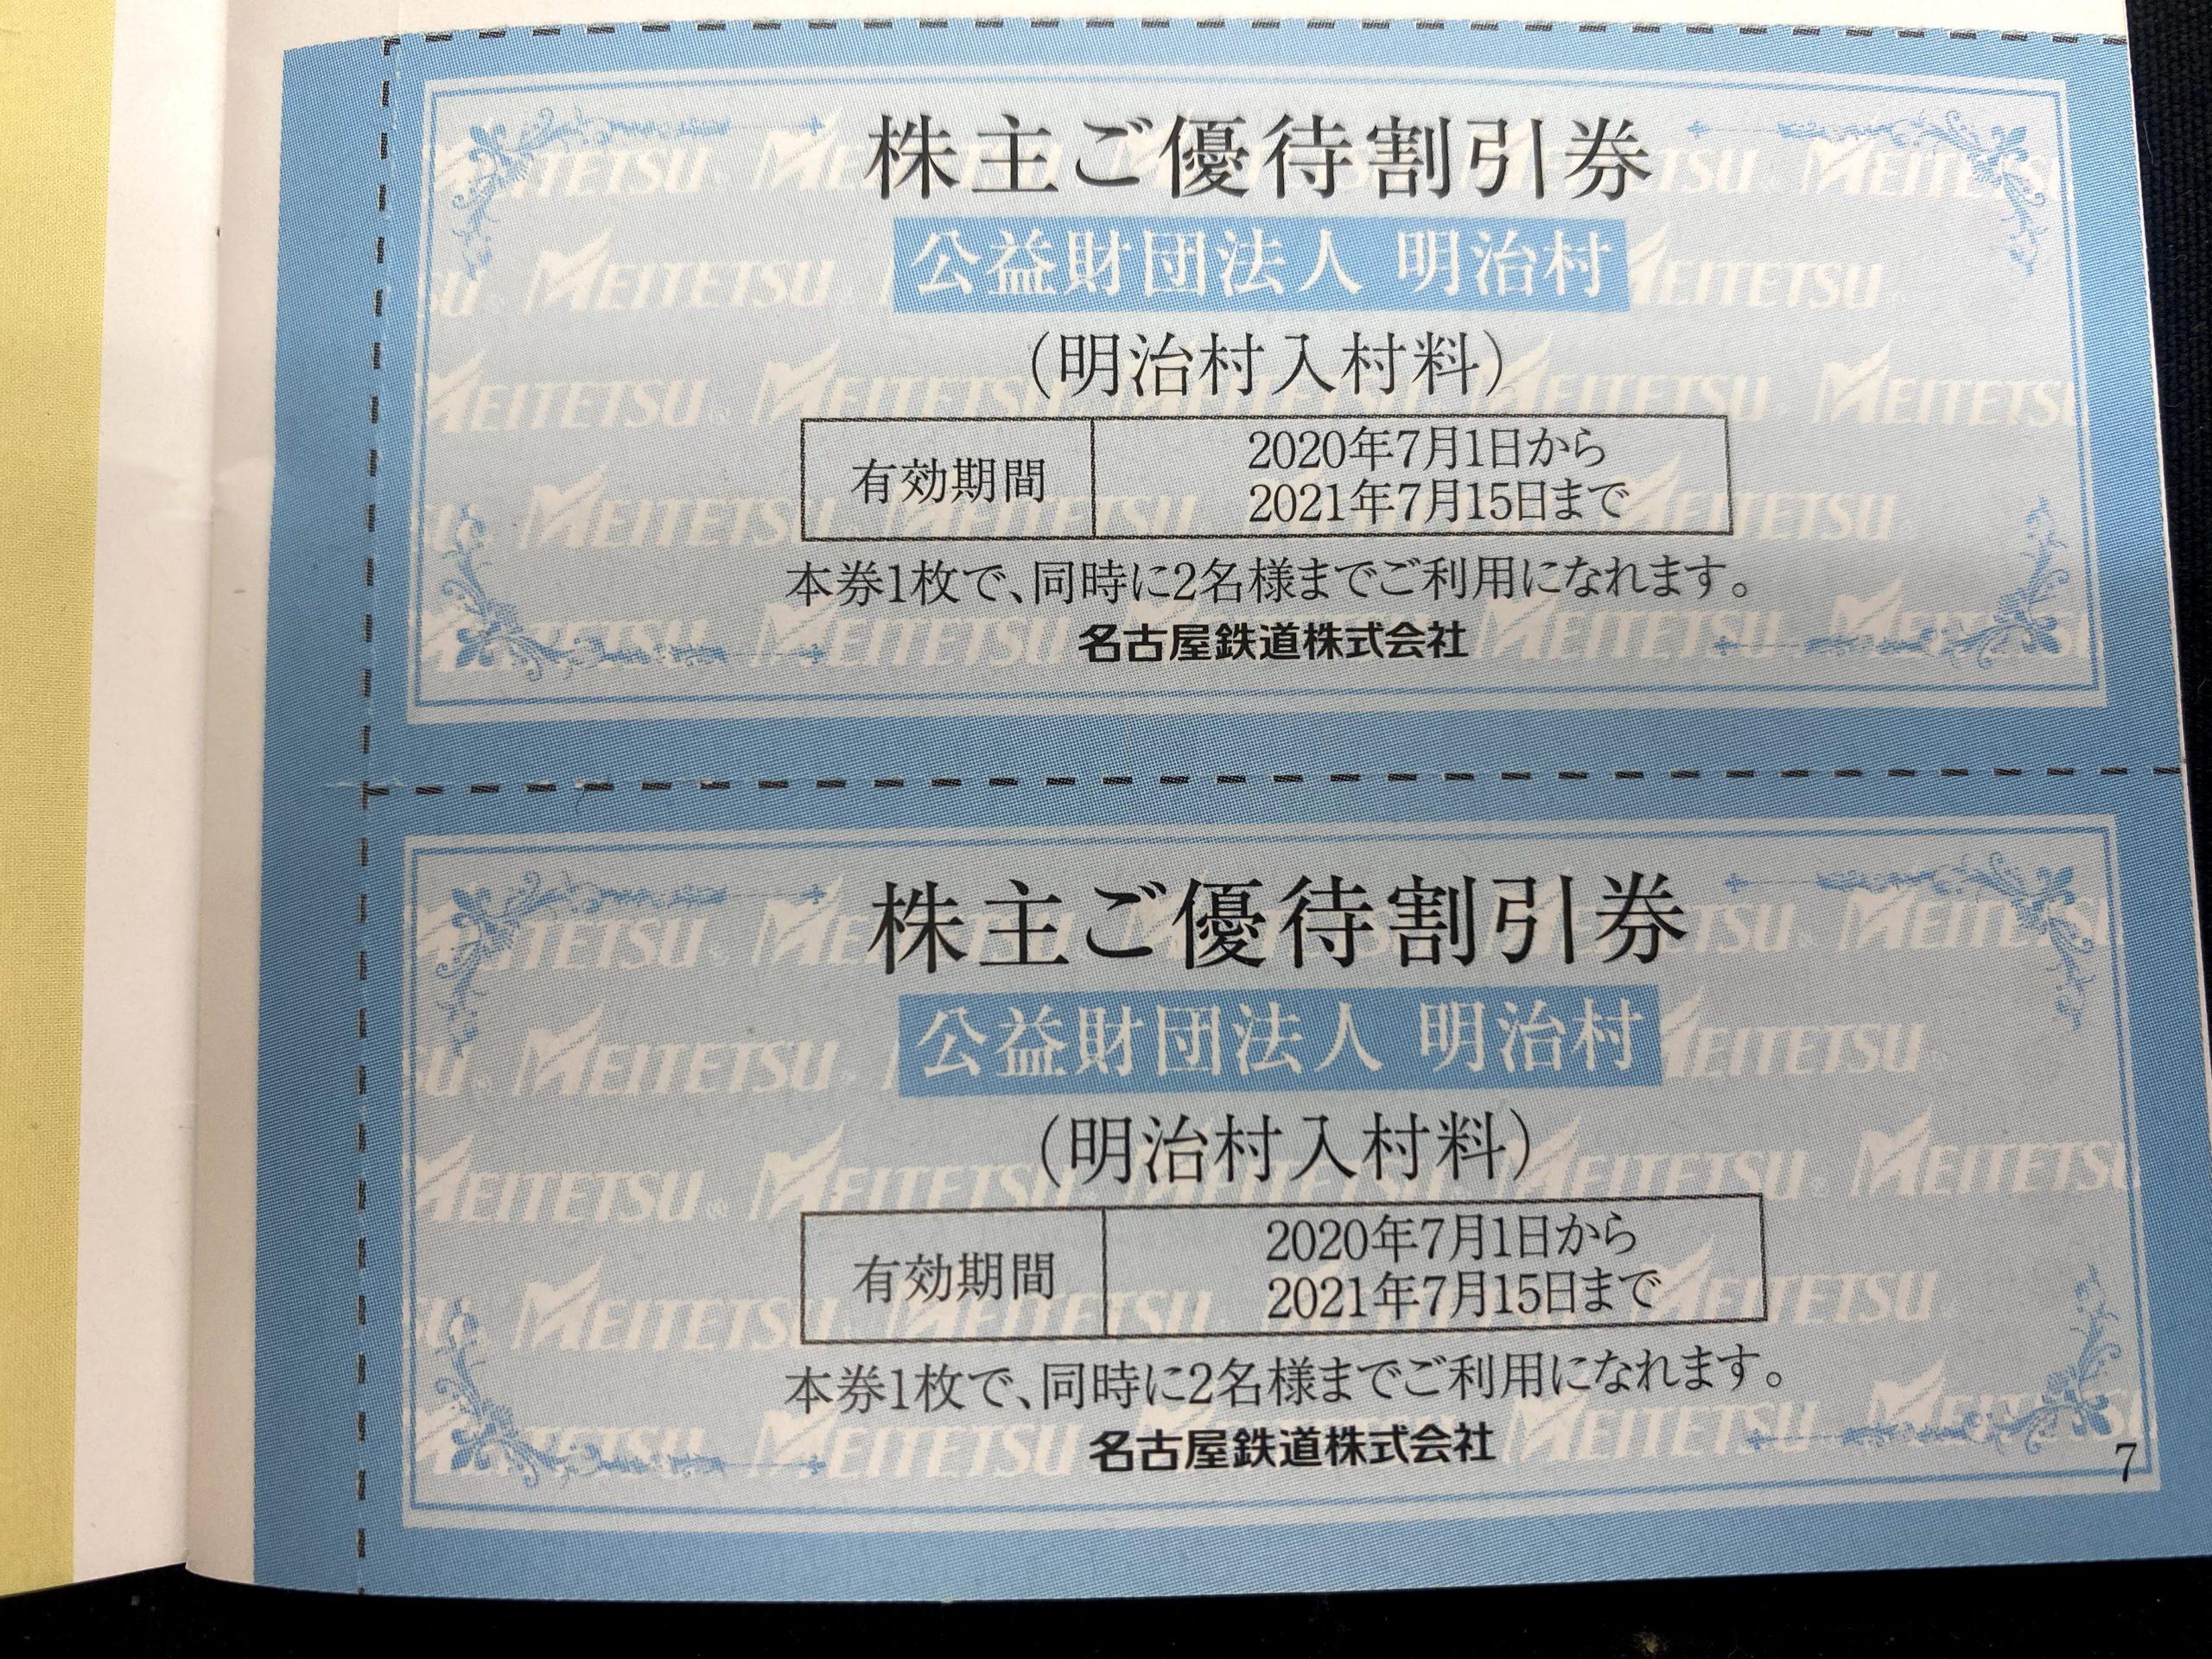 明治村入村割引券(2名様まで半額の850円で入園できます)